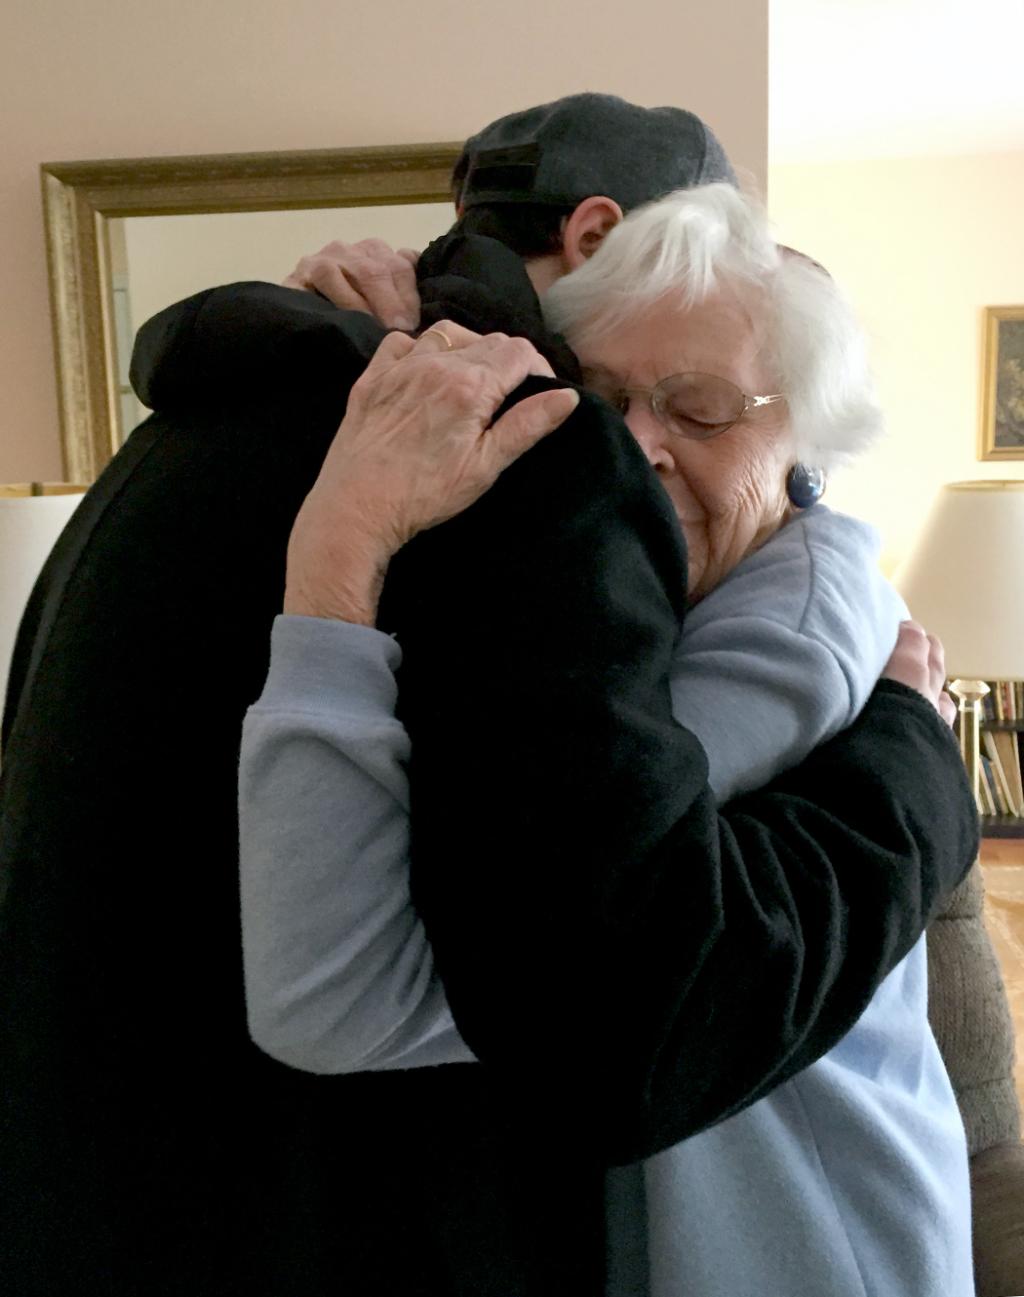 Wenn Eltern alt werden: Erwachsener Sohn umarmt ältere Mutter. Wenn Eltern älter werden, ist es Zeit, die Kinderrolle zu verlassen. Filiale Reife heißte, eine Beziehung auf Augenhöhe zu entwickeln. Wie kann das gelingen? In: Prinzip Apfelbaum. Magazin über das, was bleibt. Foto: kayp via Twenty20